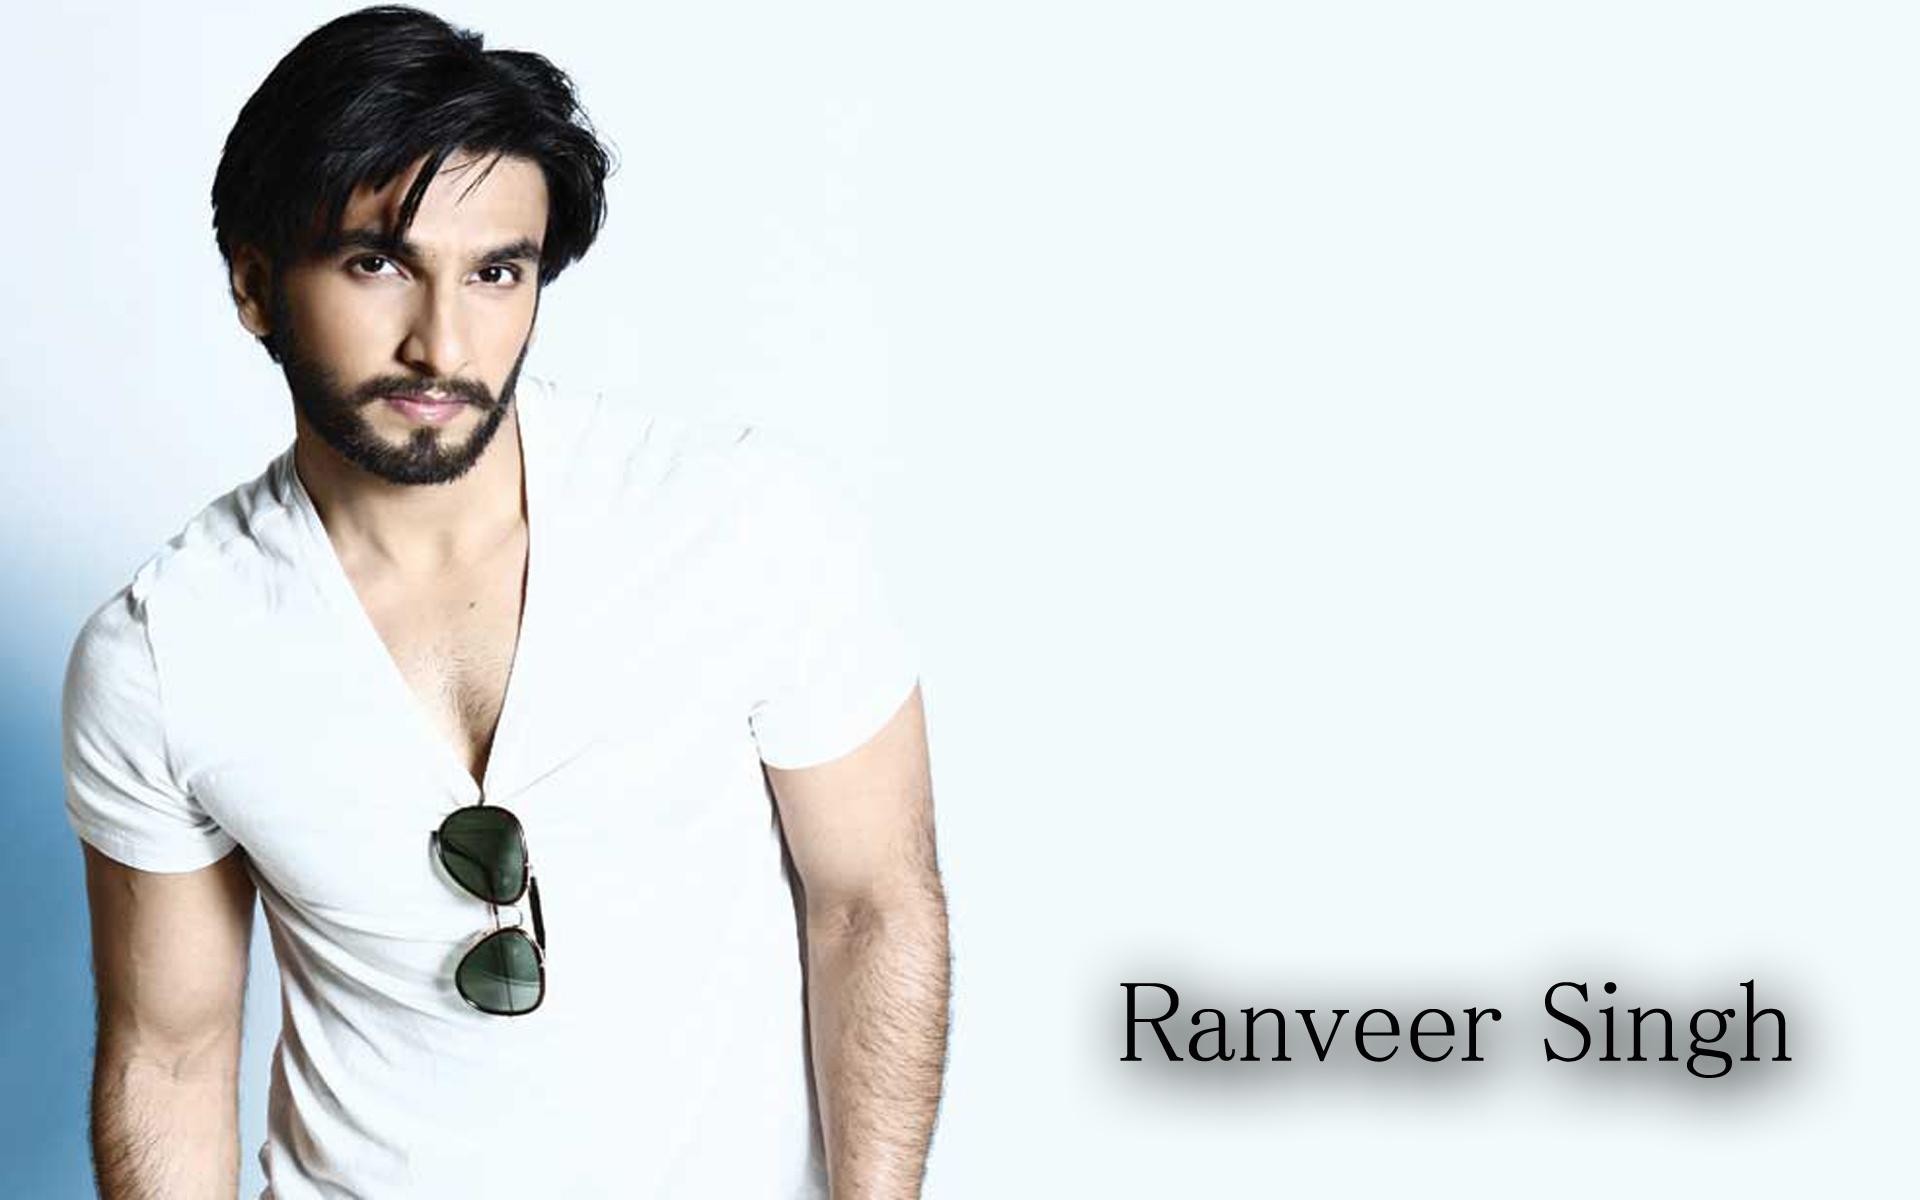 Ranveer Singh Wallpaper